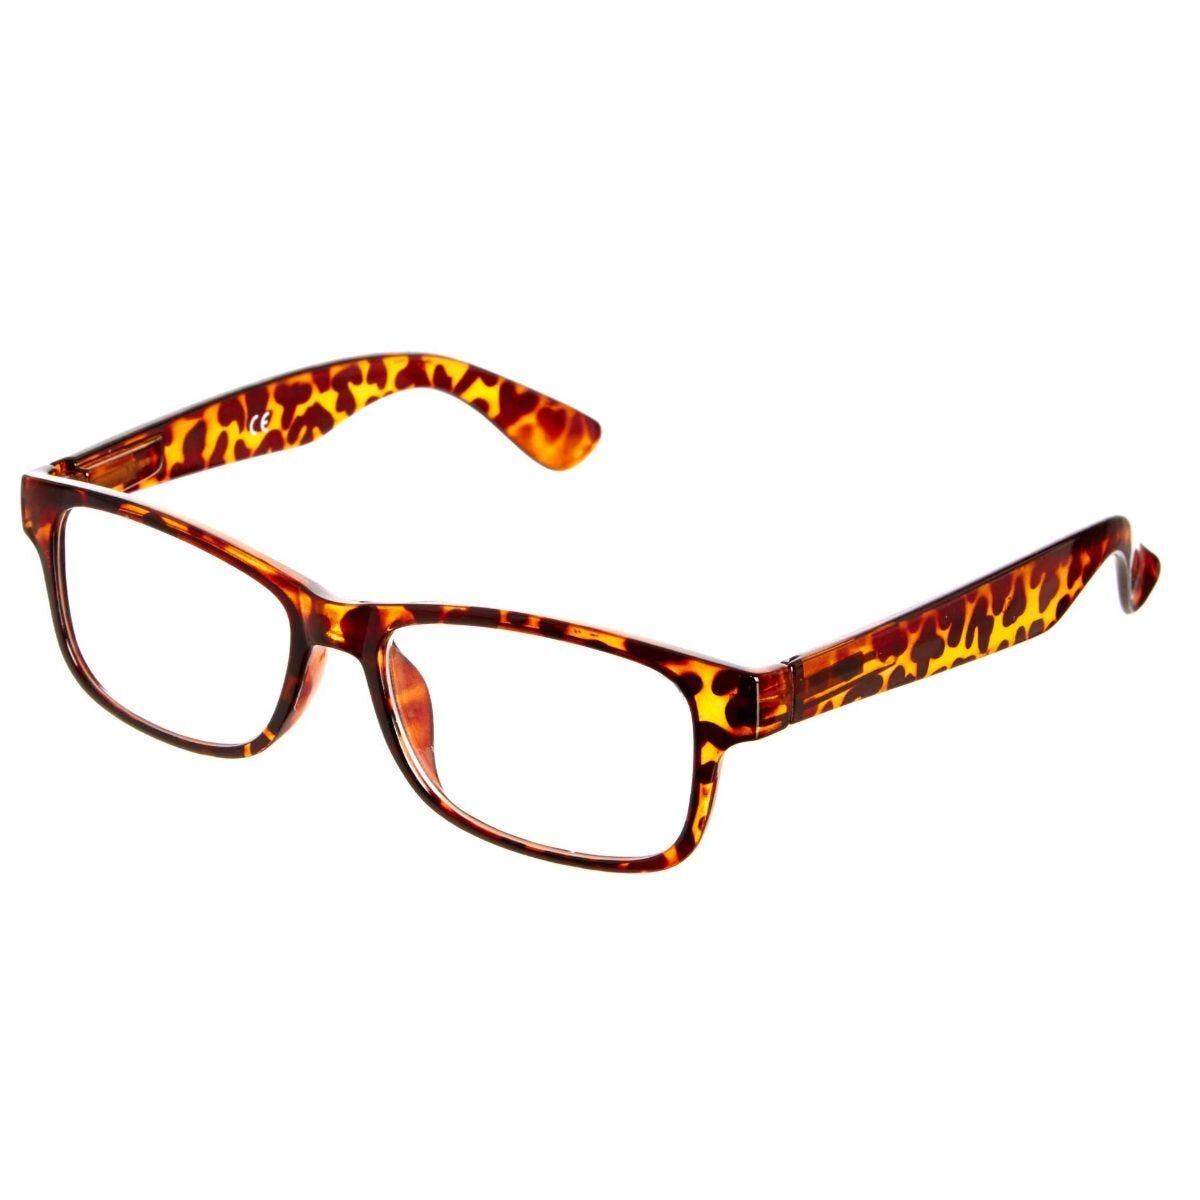 Ryman Reading Glasses + 1.5 Tortoise Shell Frame